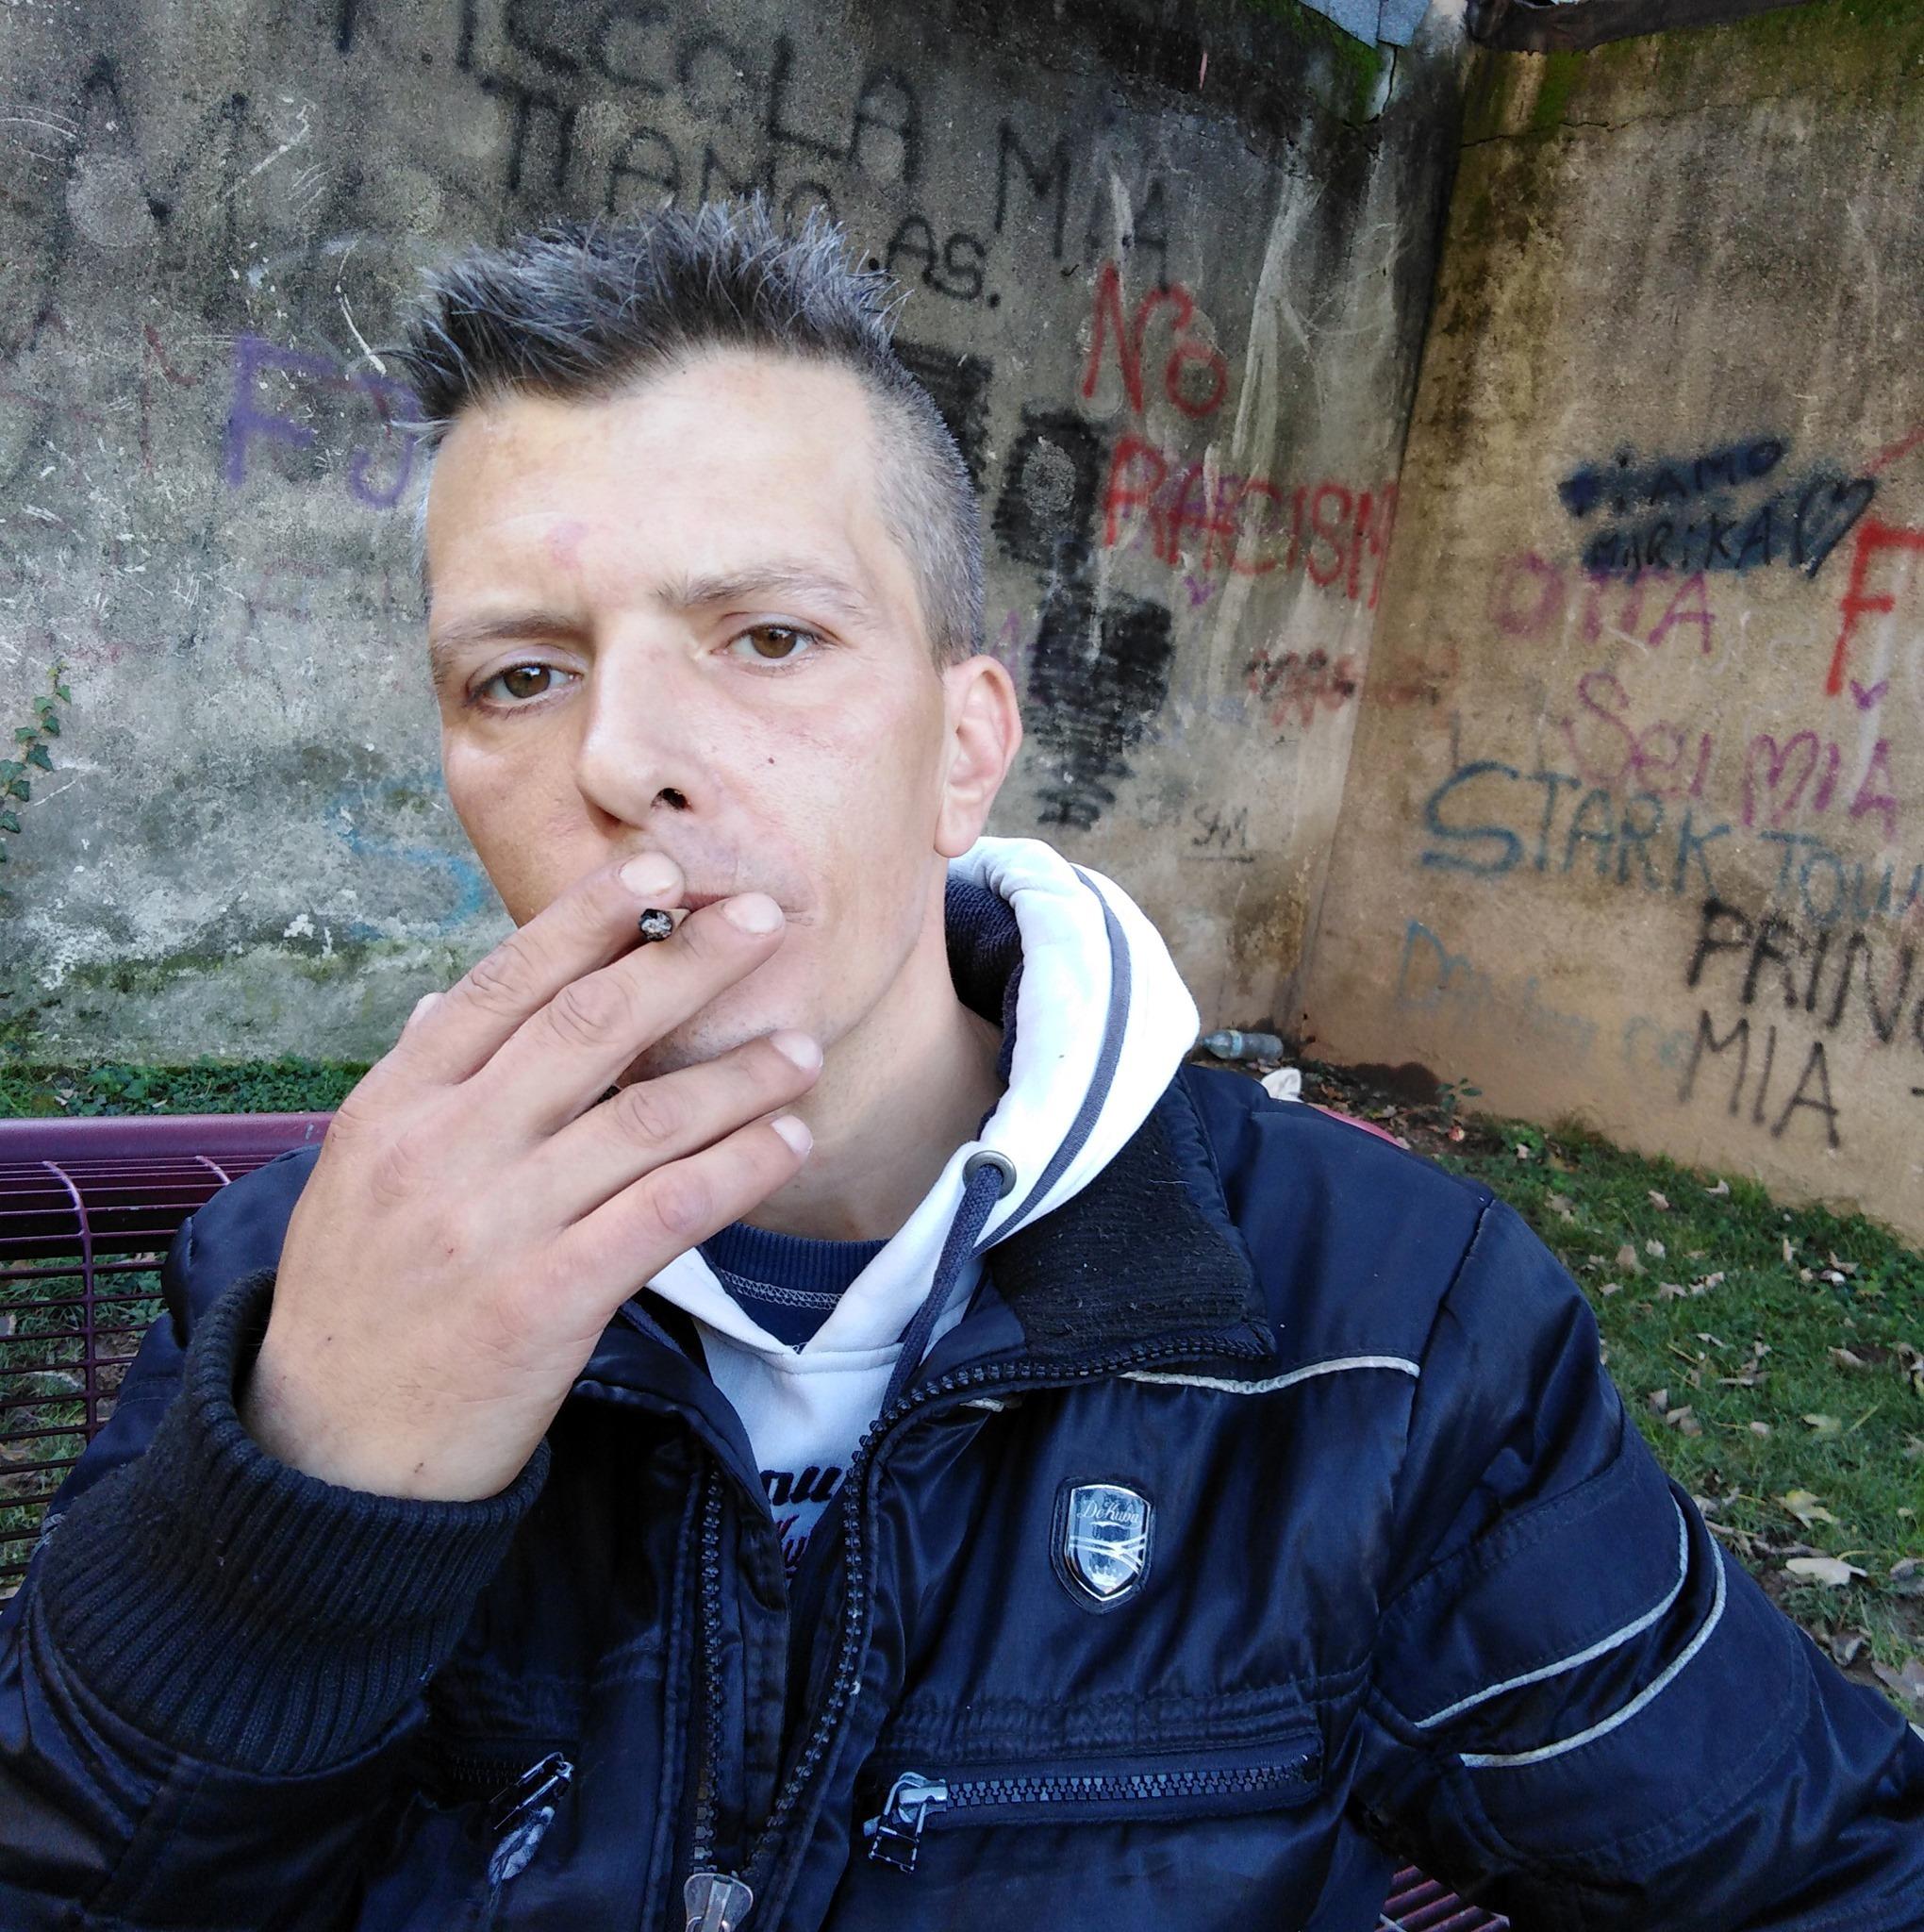 Omicidio a Monza, 42enne accoltellato in strada: assassini in fuga